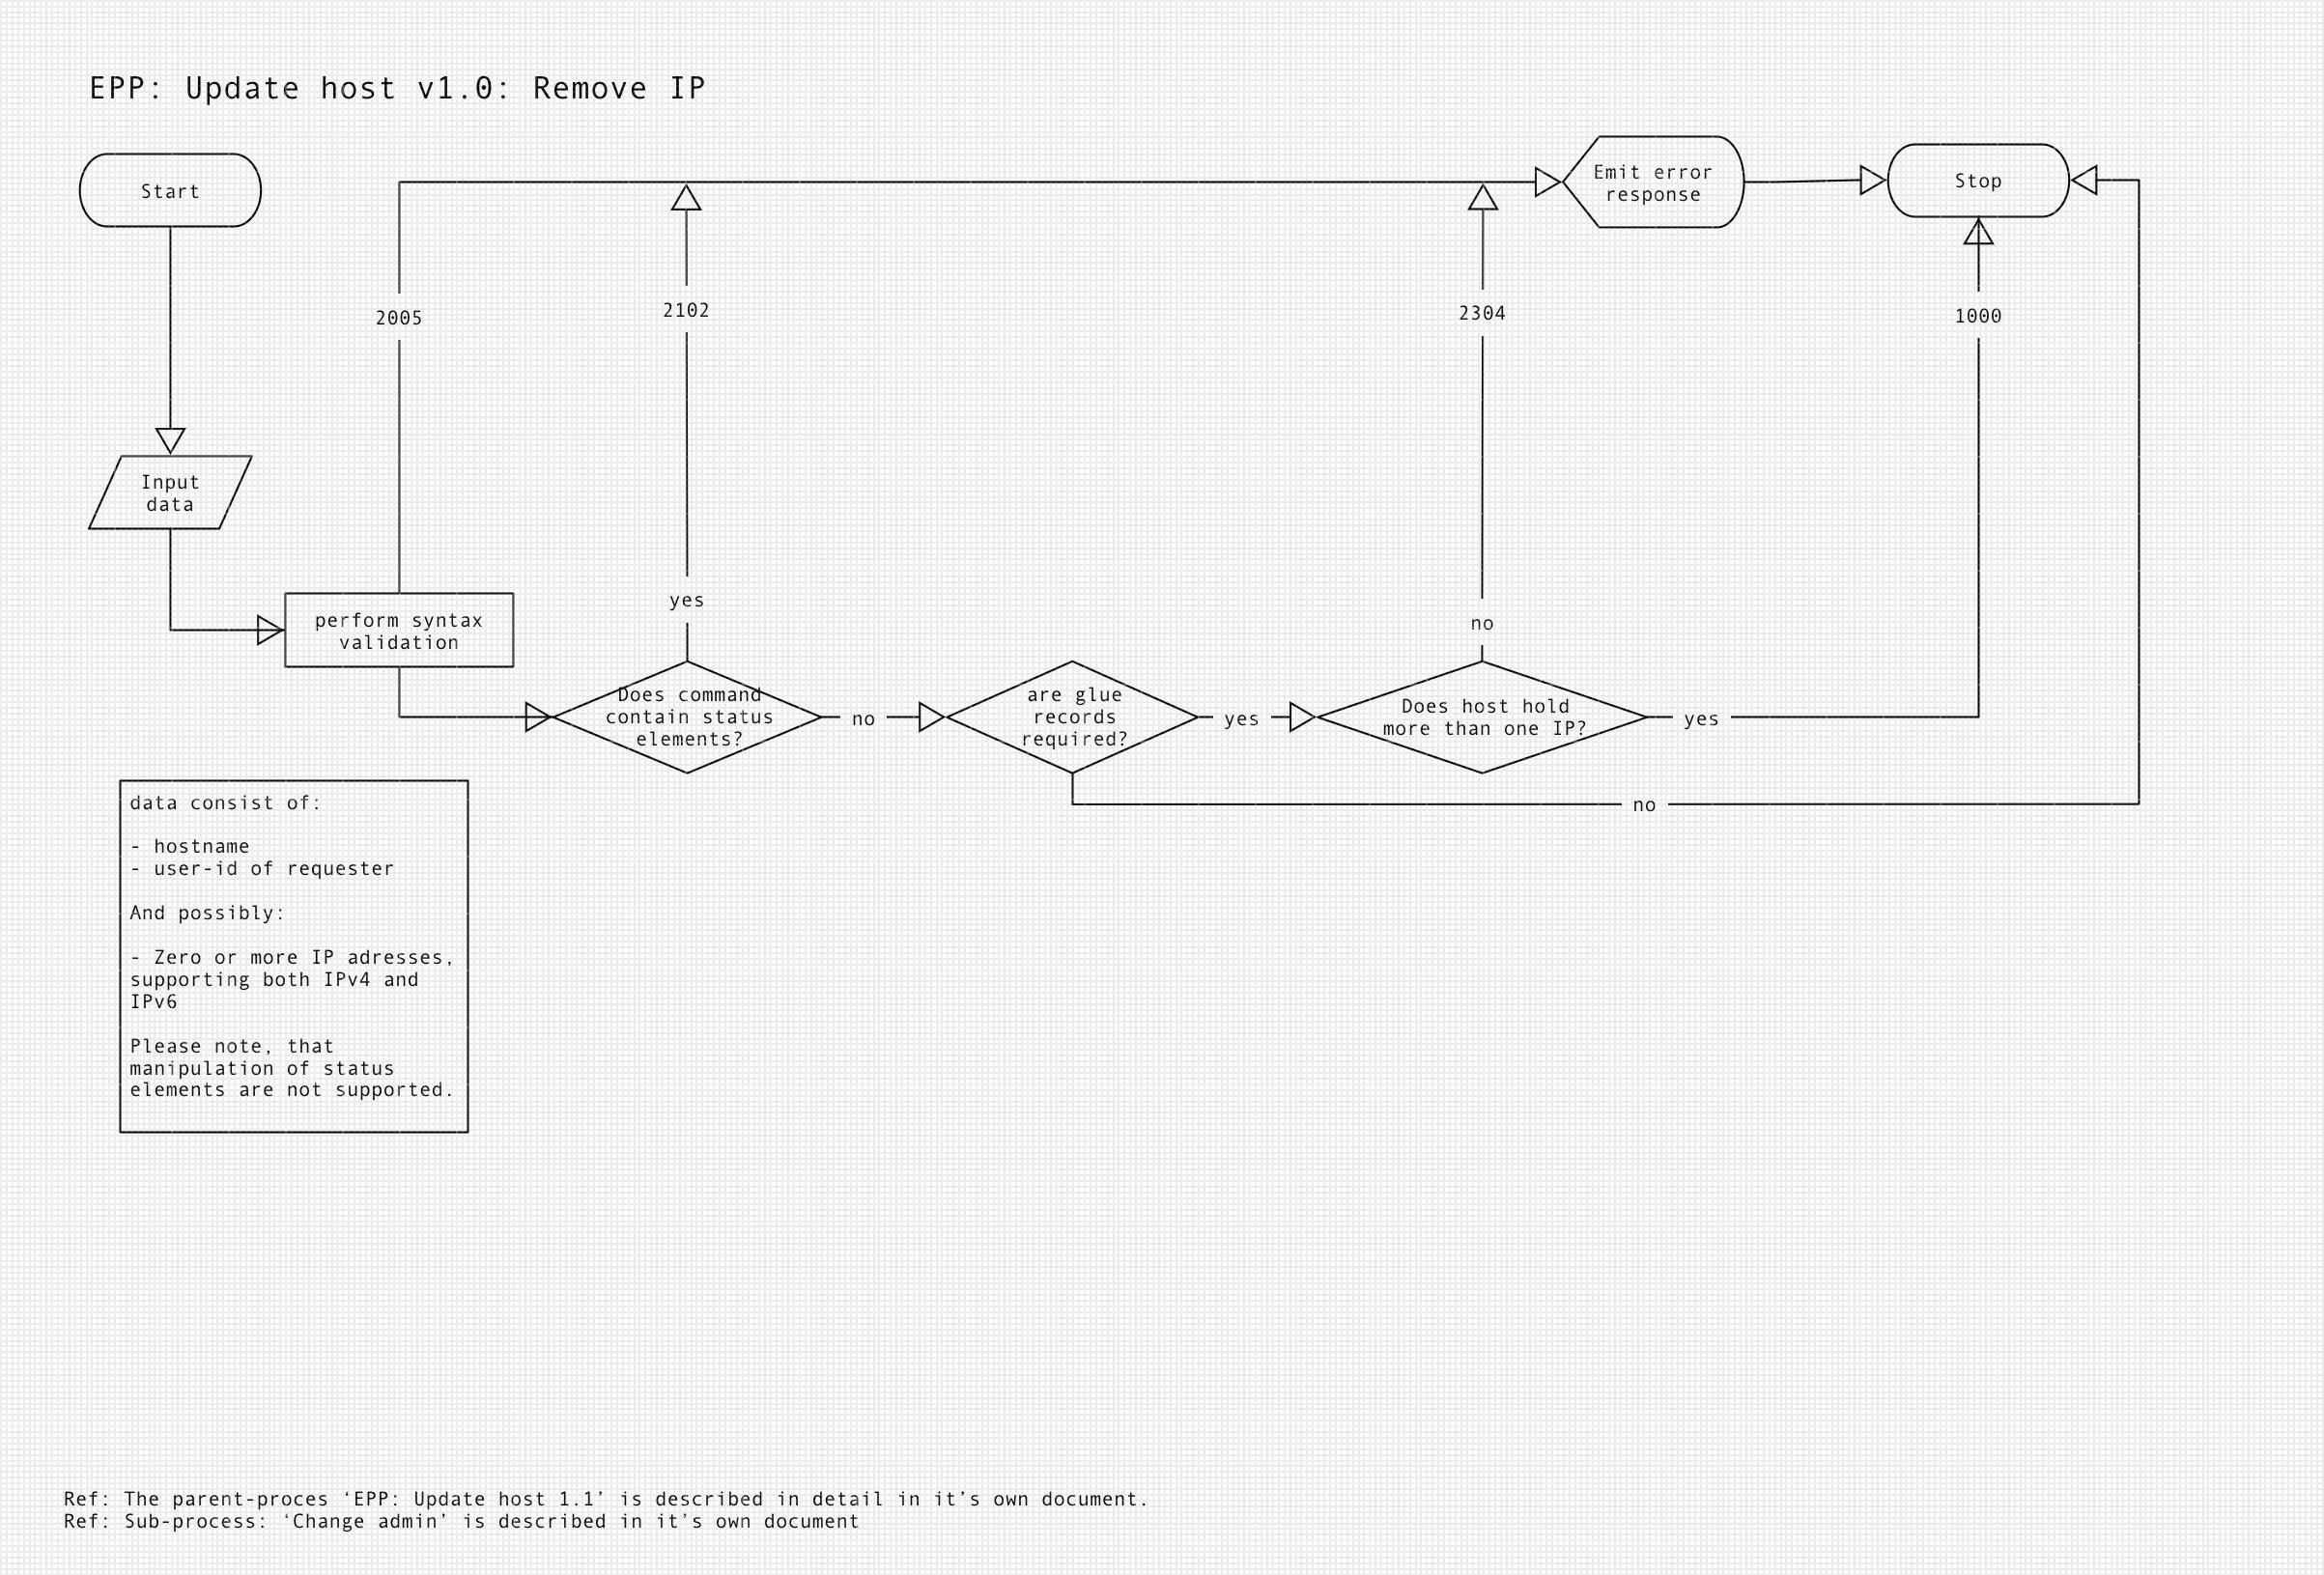 Diagram of EPP update host remove IP